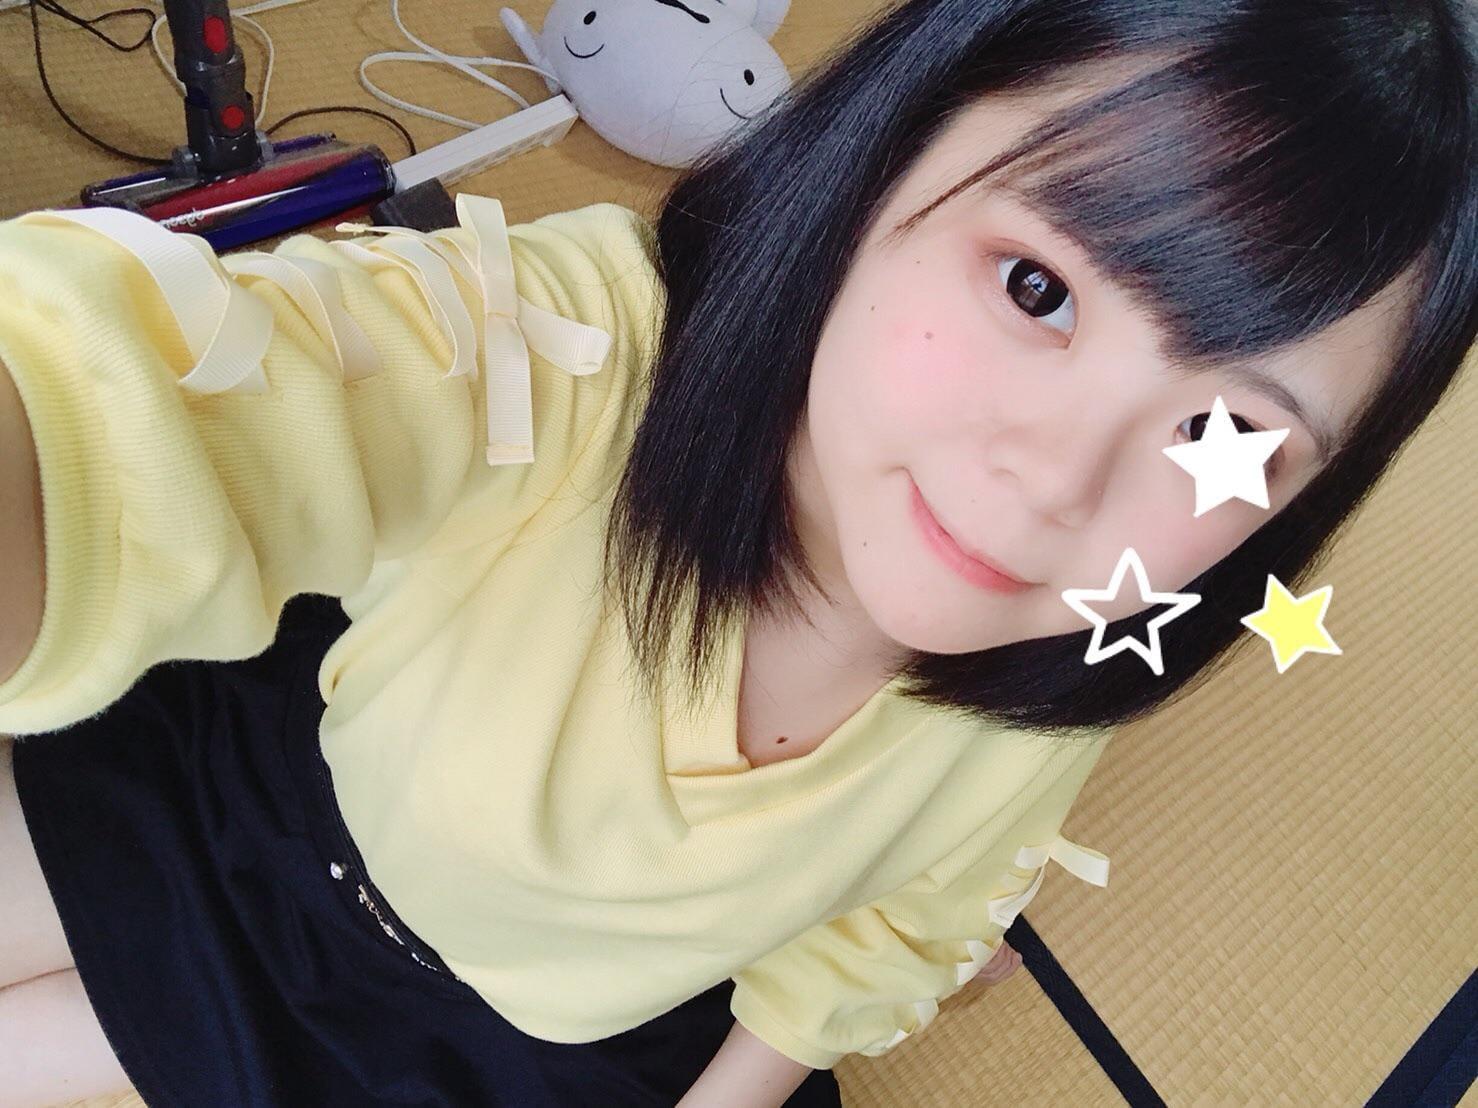 香坂 みおり「お礼?」08/18(土) 04:07   香坂 みおりの写メ・風俗動画